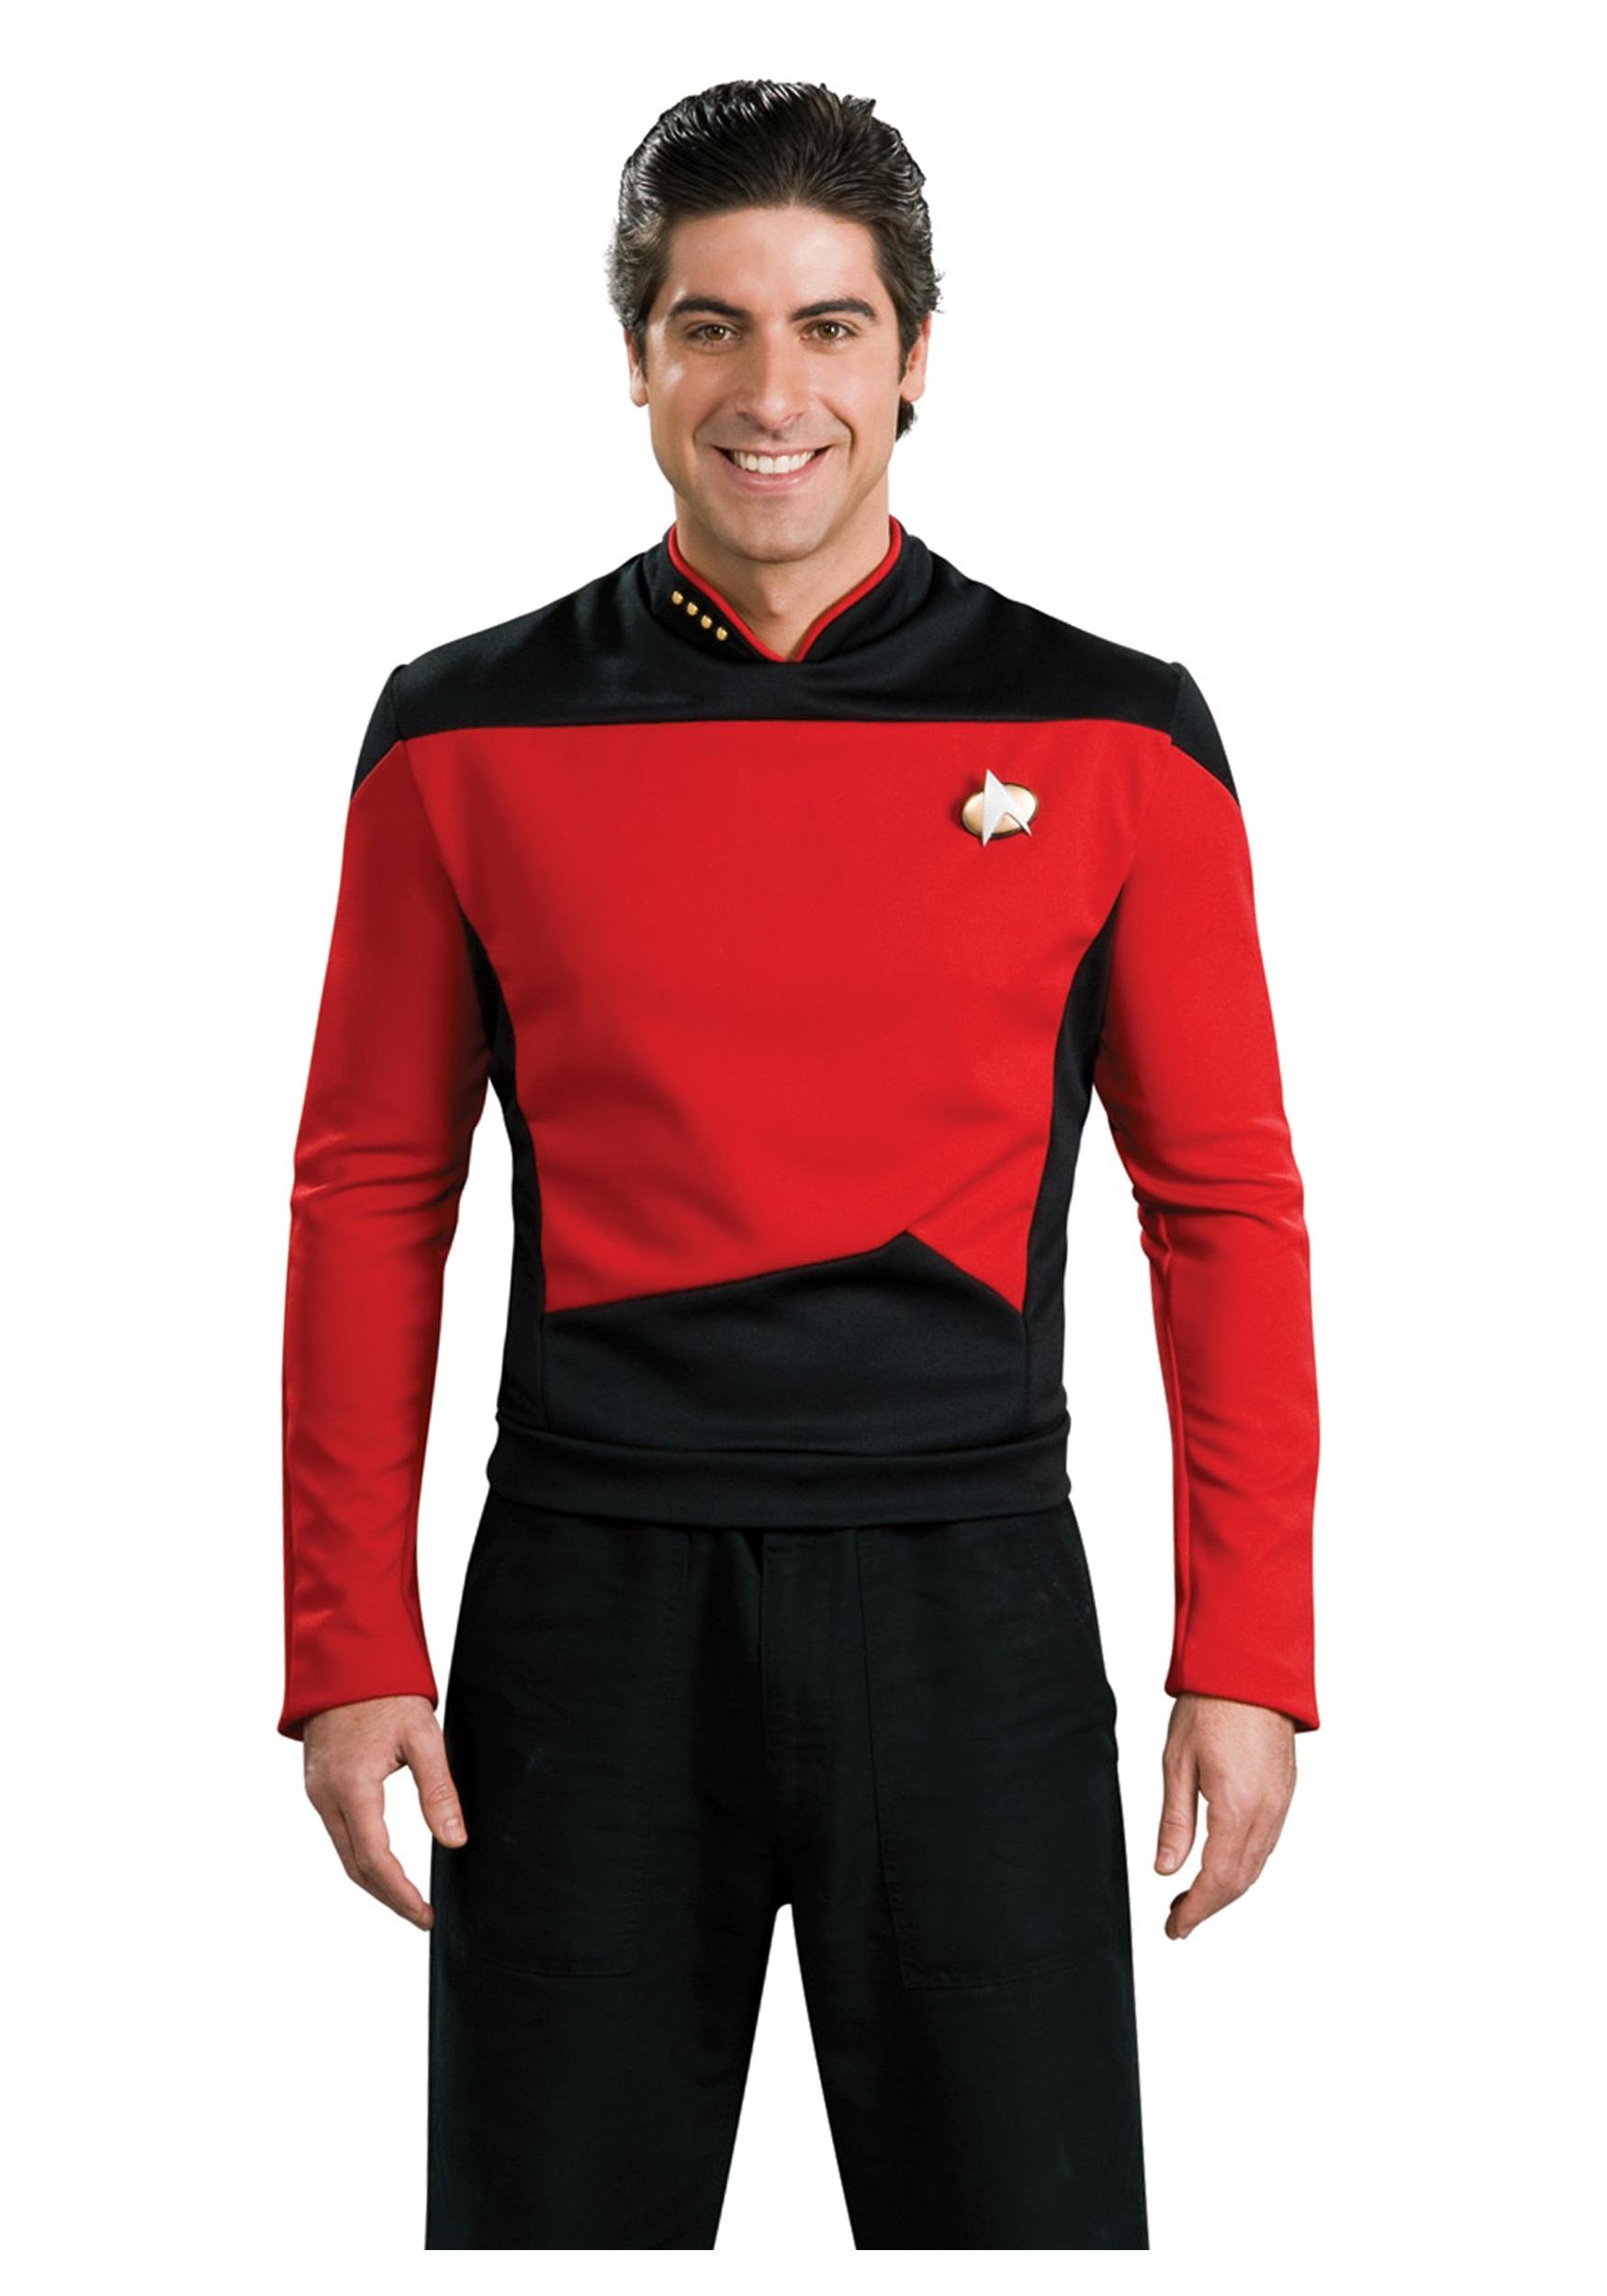 Star Trek: TNG Adult Deluxe Command Uniform Costume